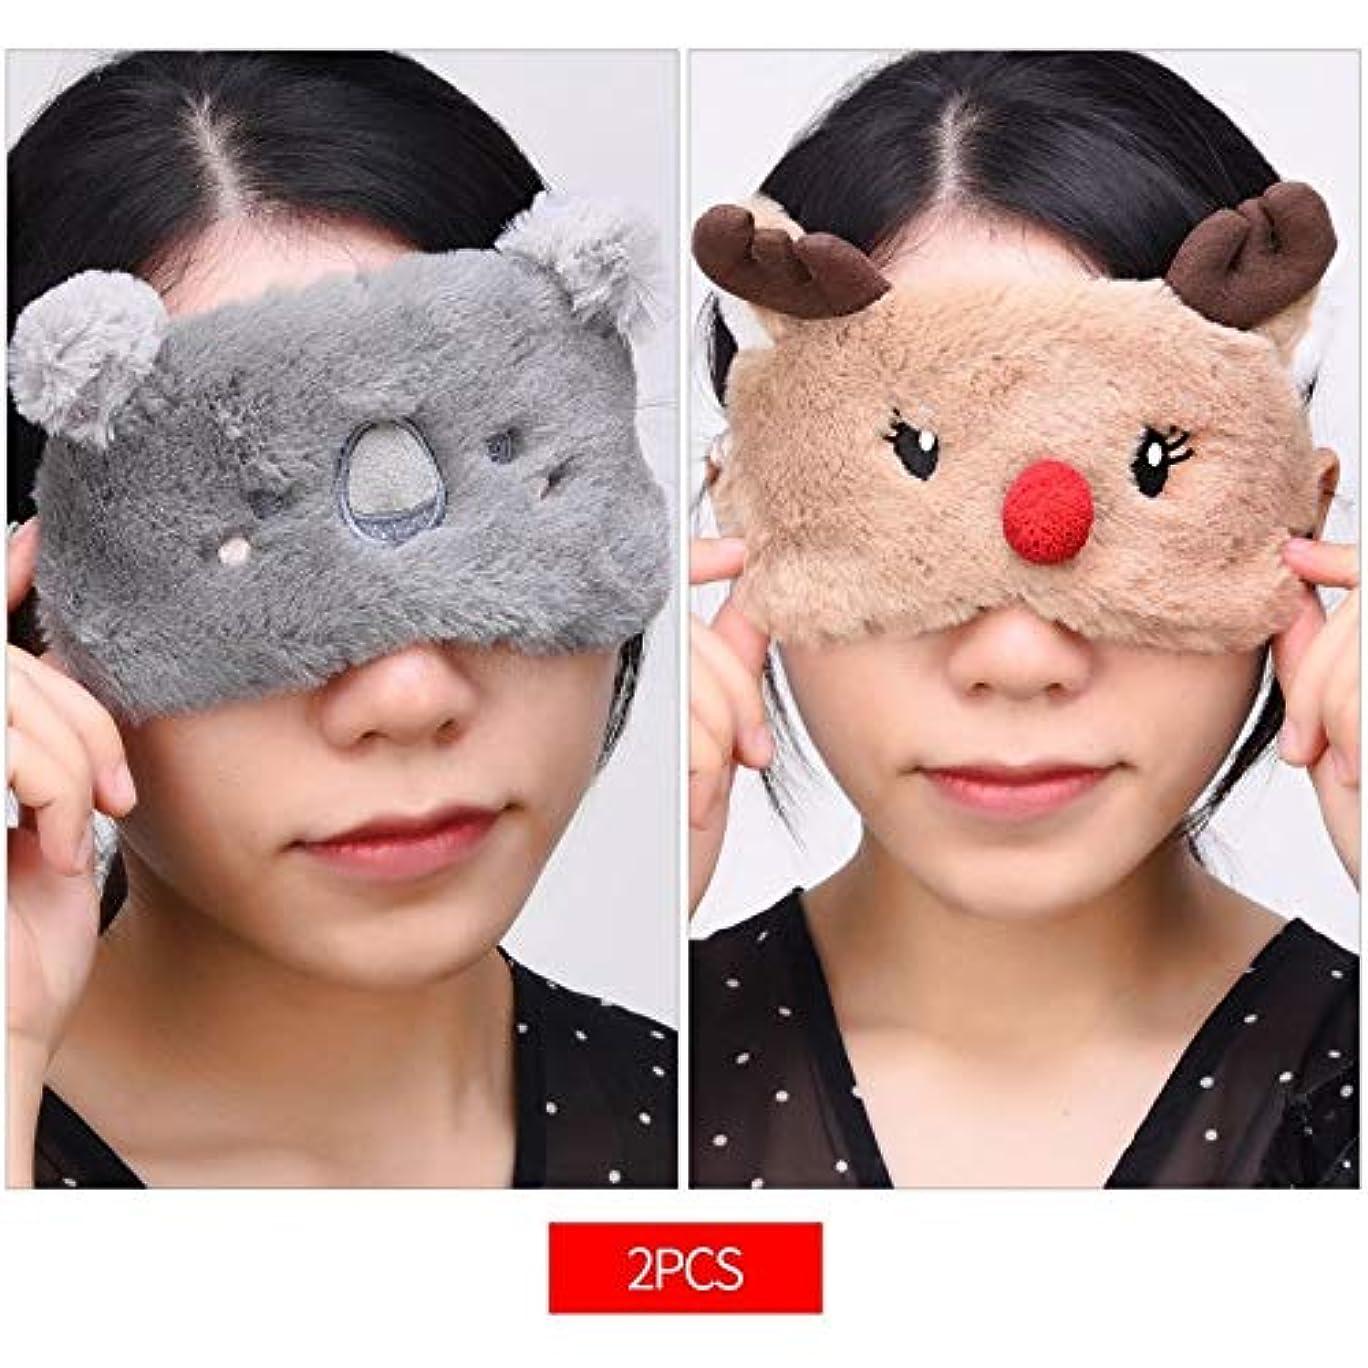 中国マルクス主義者ロケーションNOTE 2ピースかわいい動物アイマスク目隠し豪華な睡眠アイシェードオフィス通気性アイカバー付き調整可能ストラップナイトアイシェード0